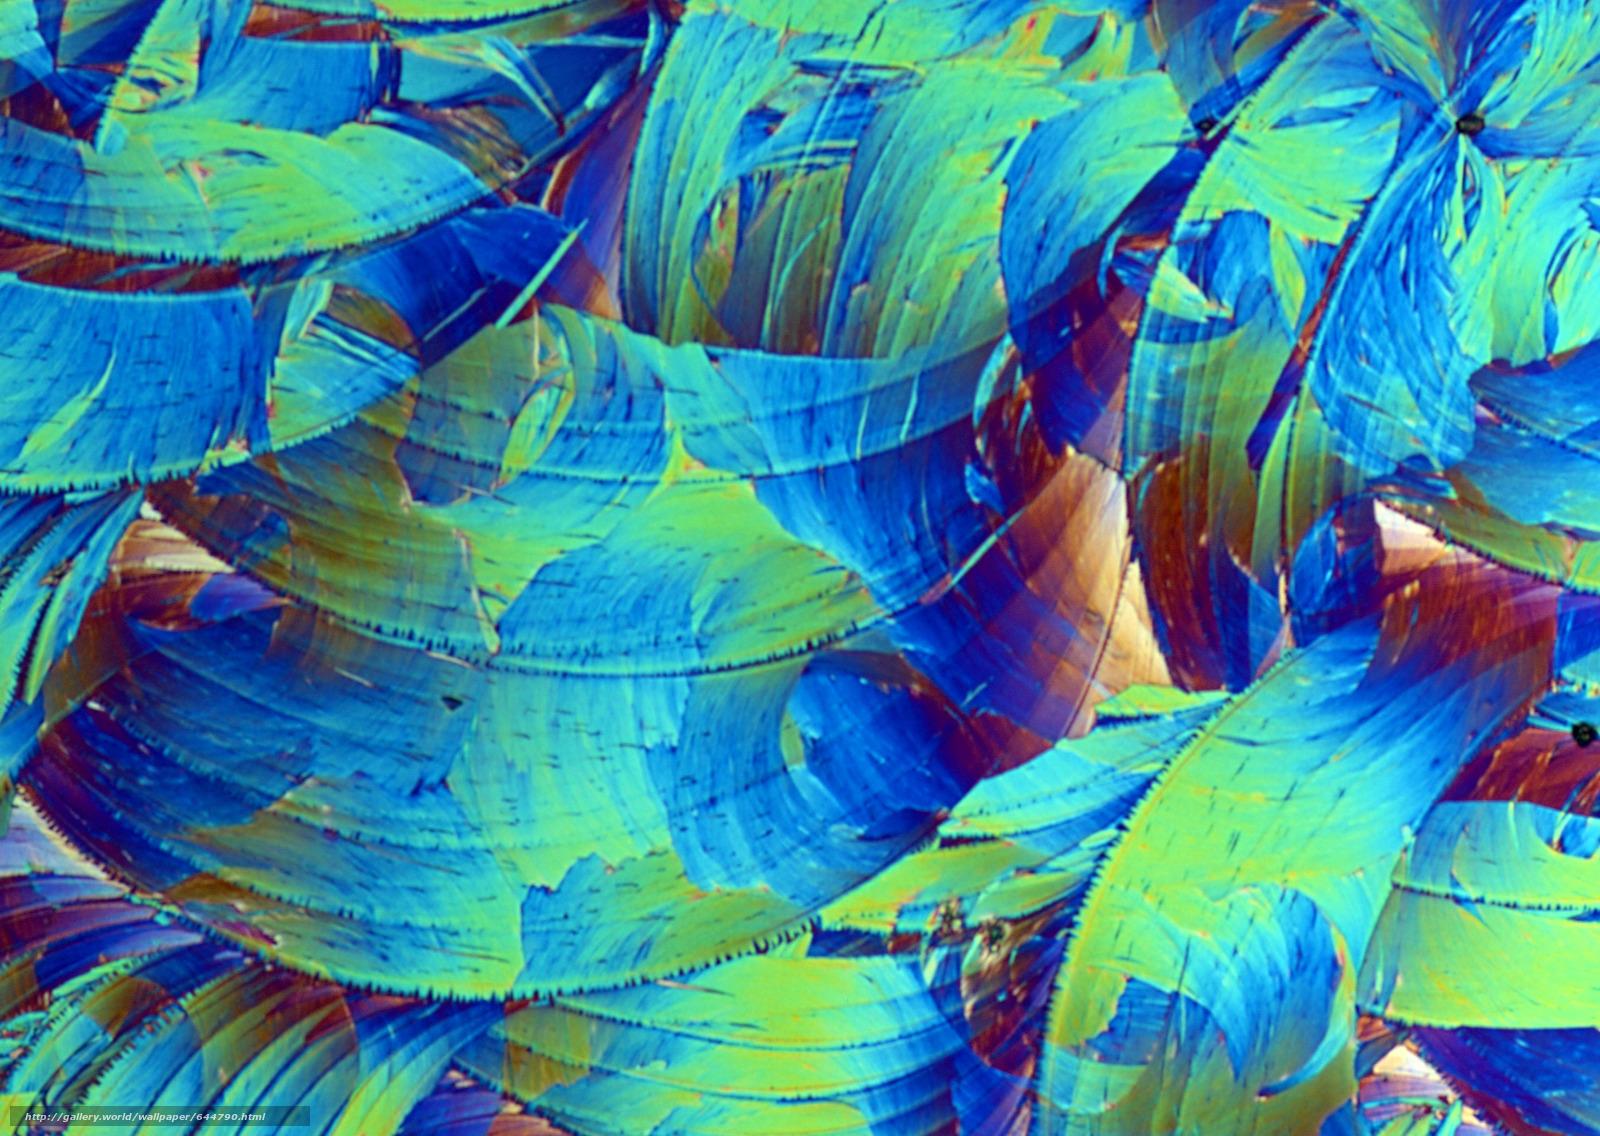 Скачать обои кристаллы под микроскопом,  кристалл,  микроскоп,  увеличение бесплатно для рабочего стола в разрешении 2950x2094 — картинка №644790